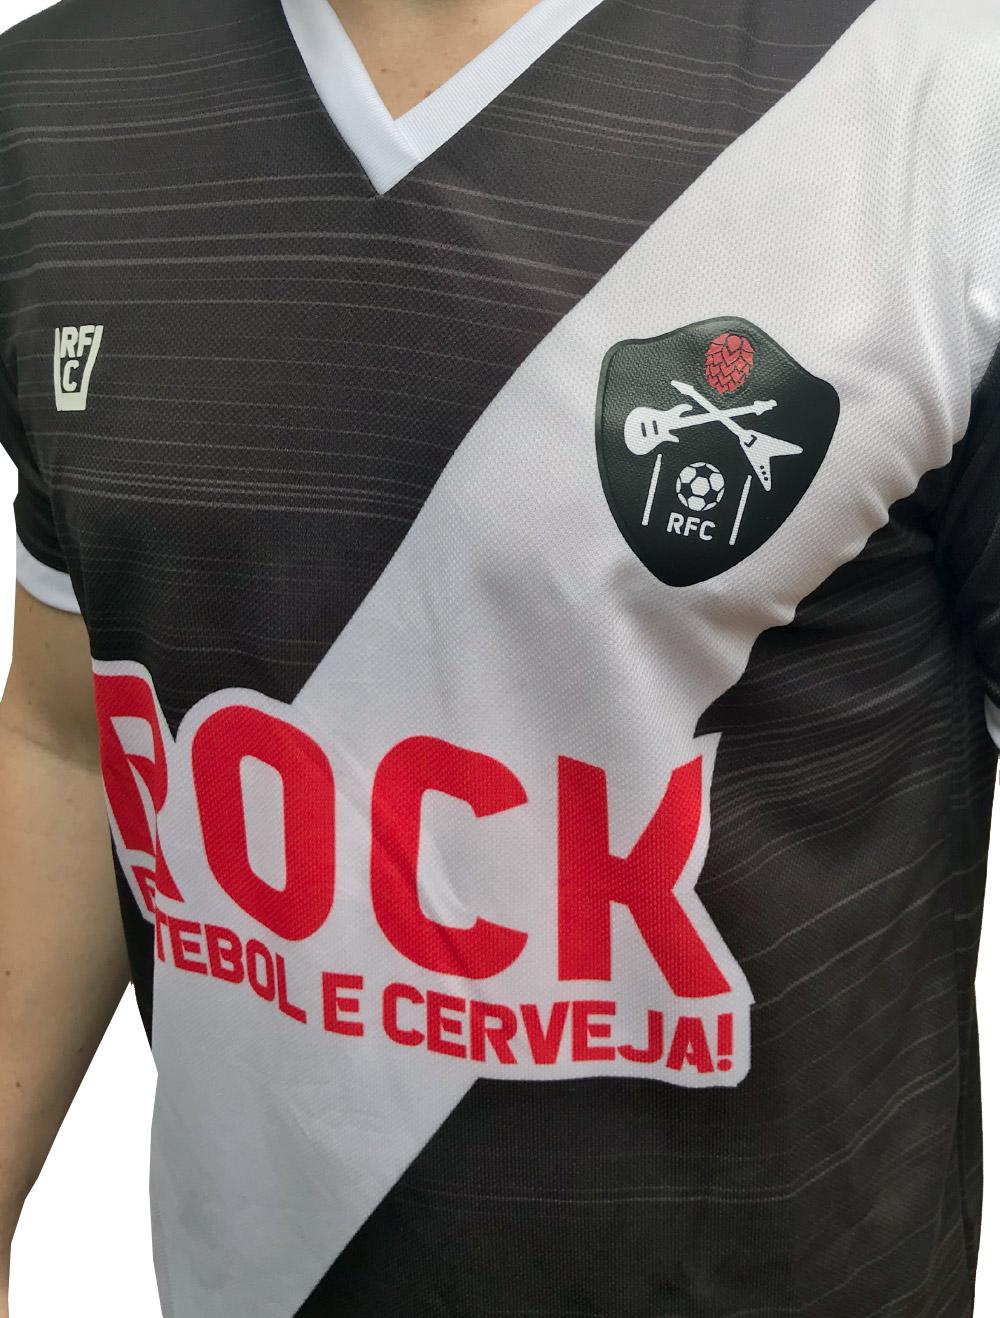 CAMISA DE FUTEBOL ROCK, FUTEBOL E CERVEJA - VASCO